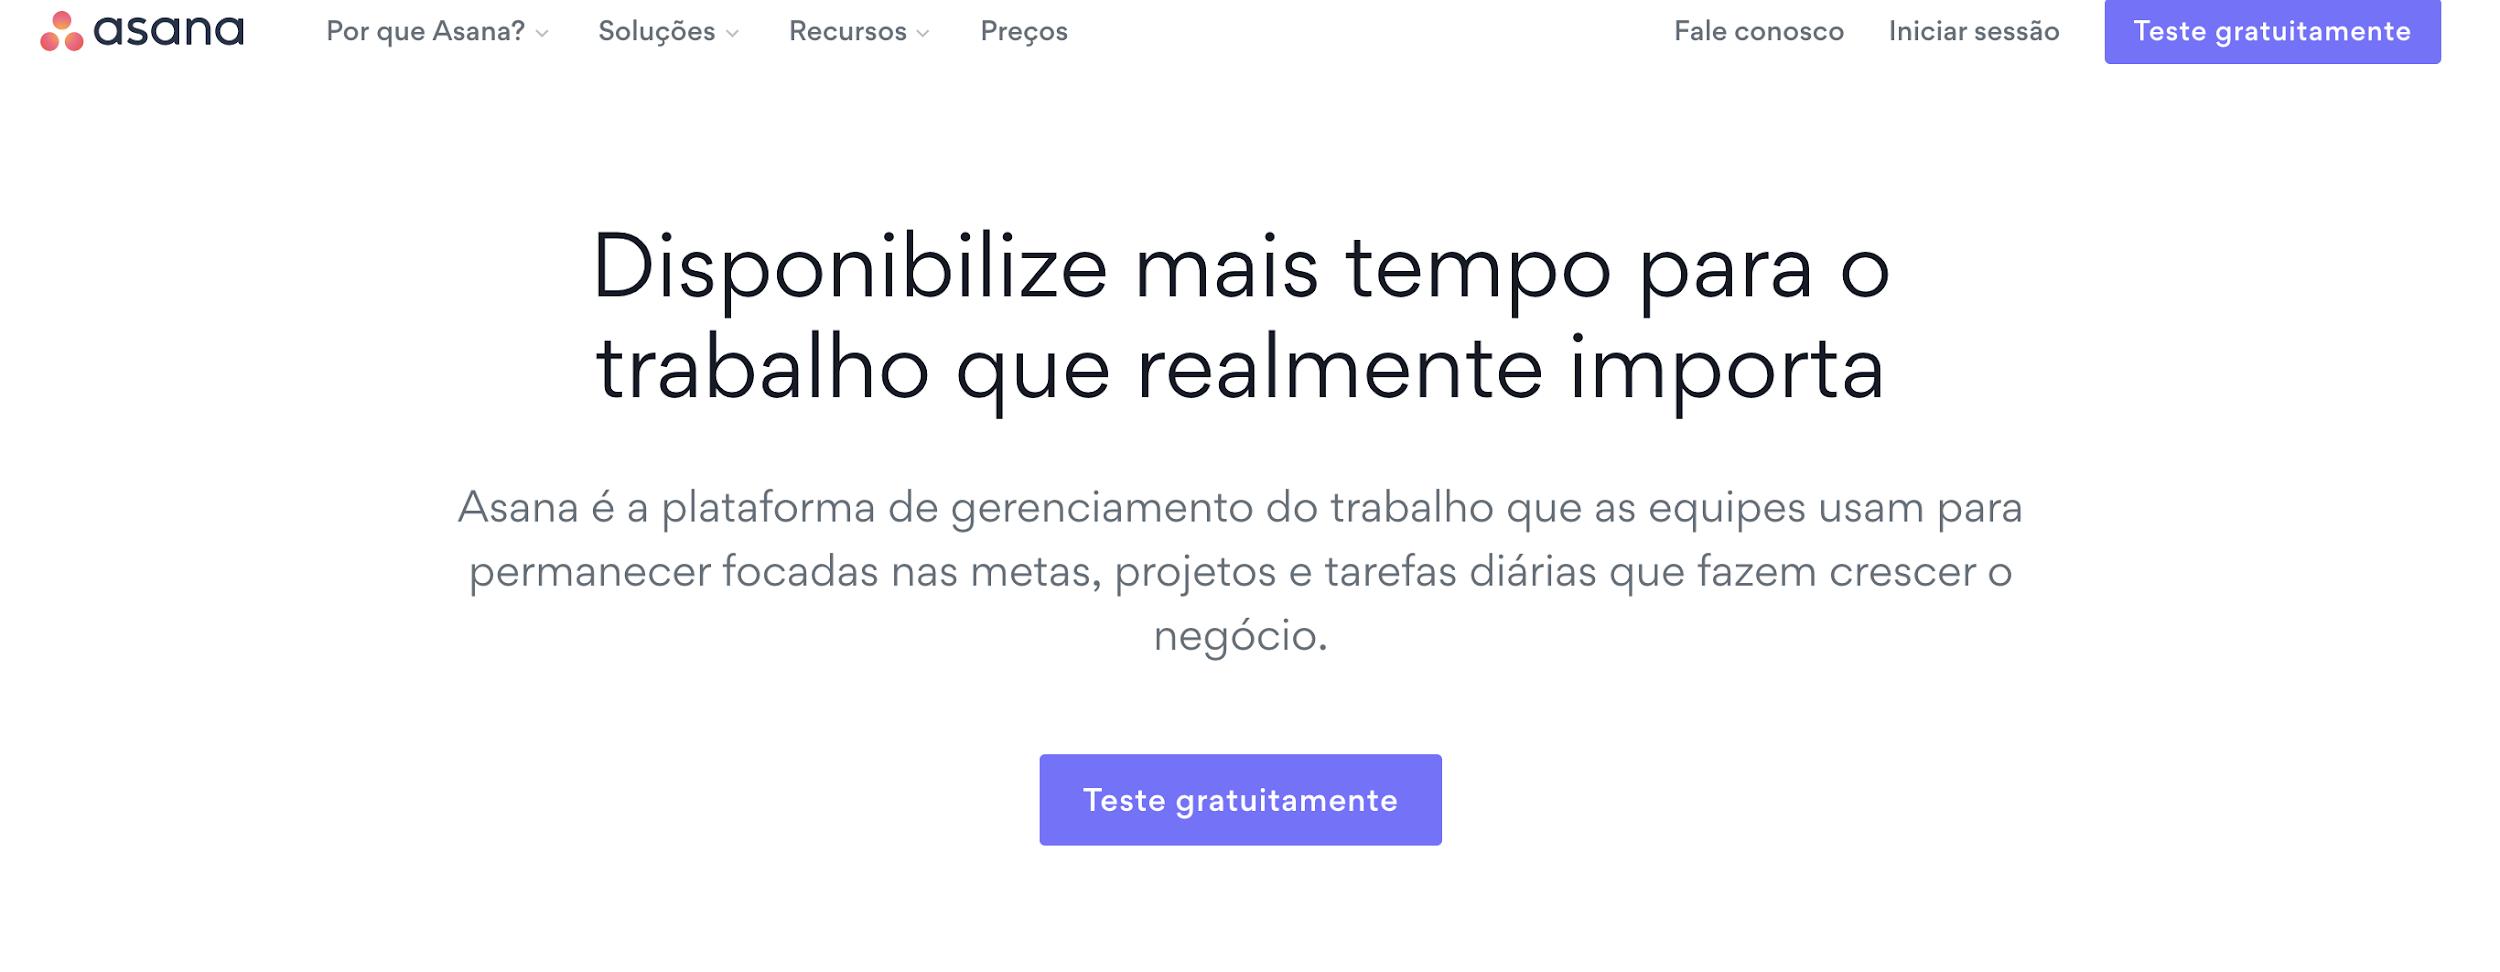 página inicial da Asana como exemplo de plataforma digital